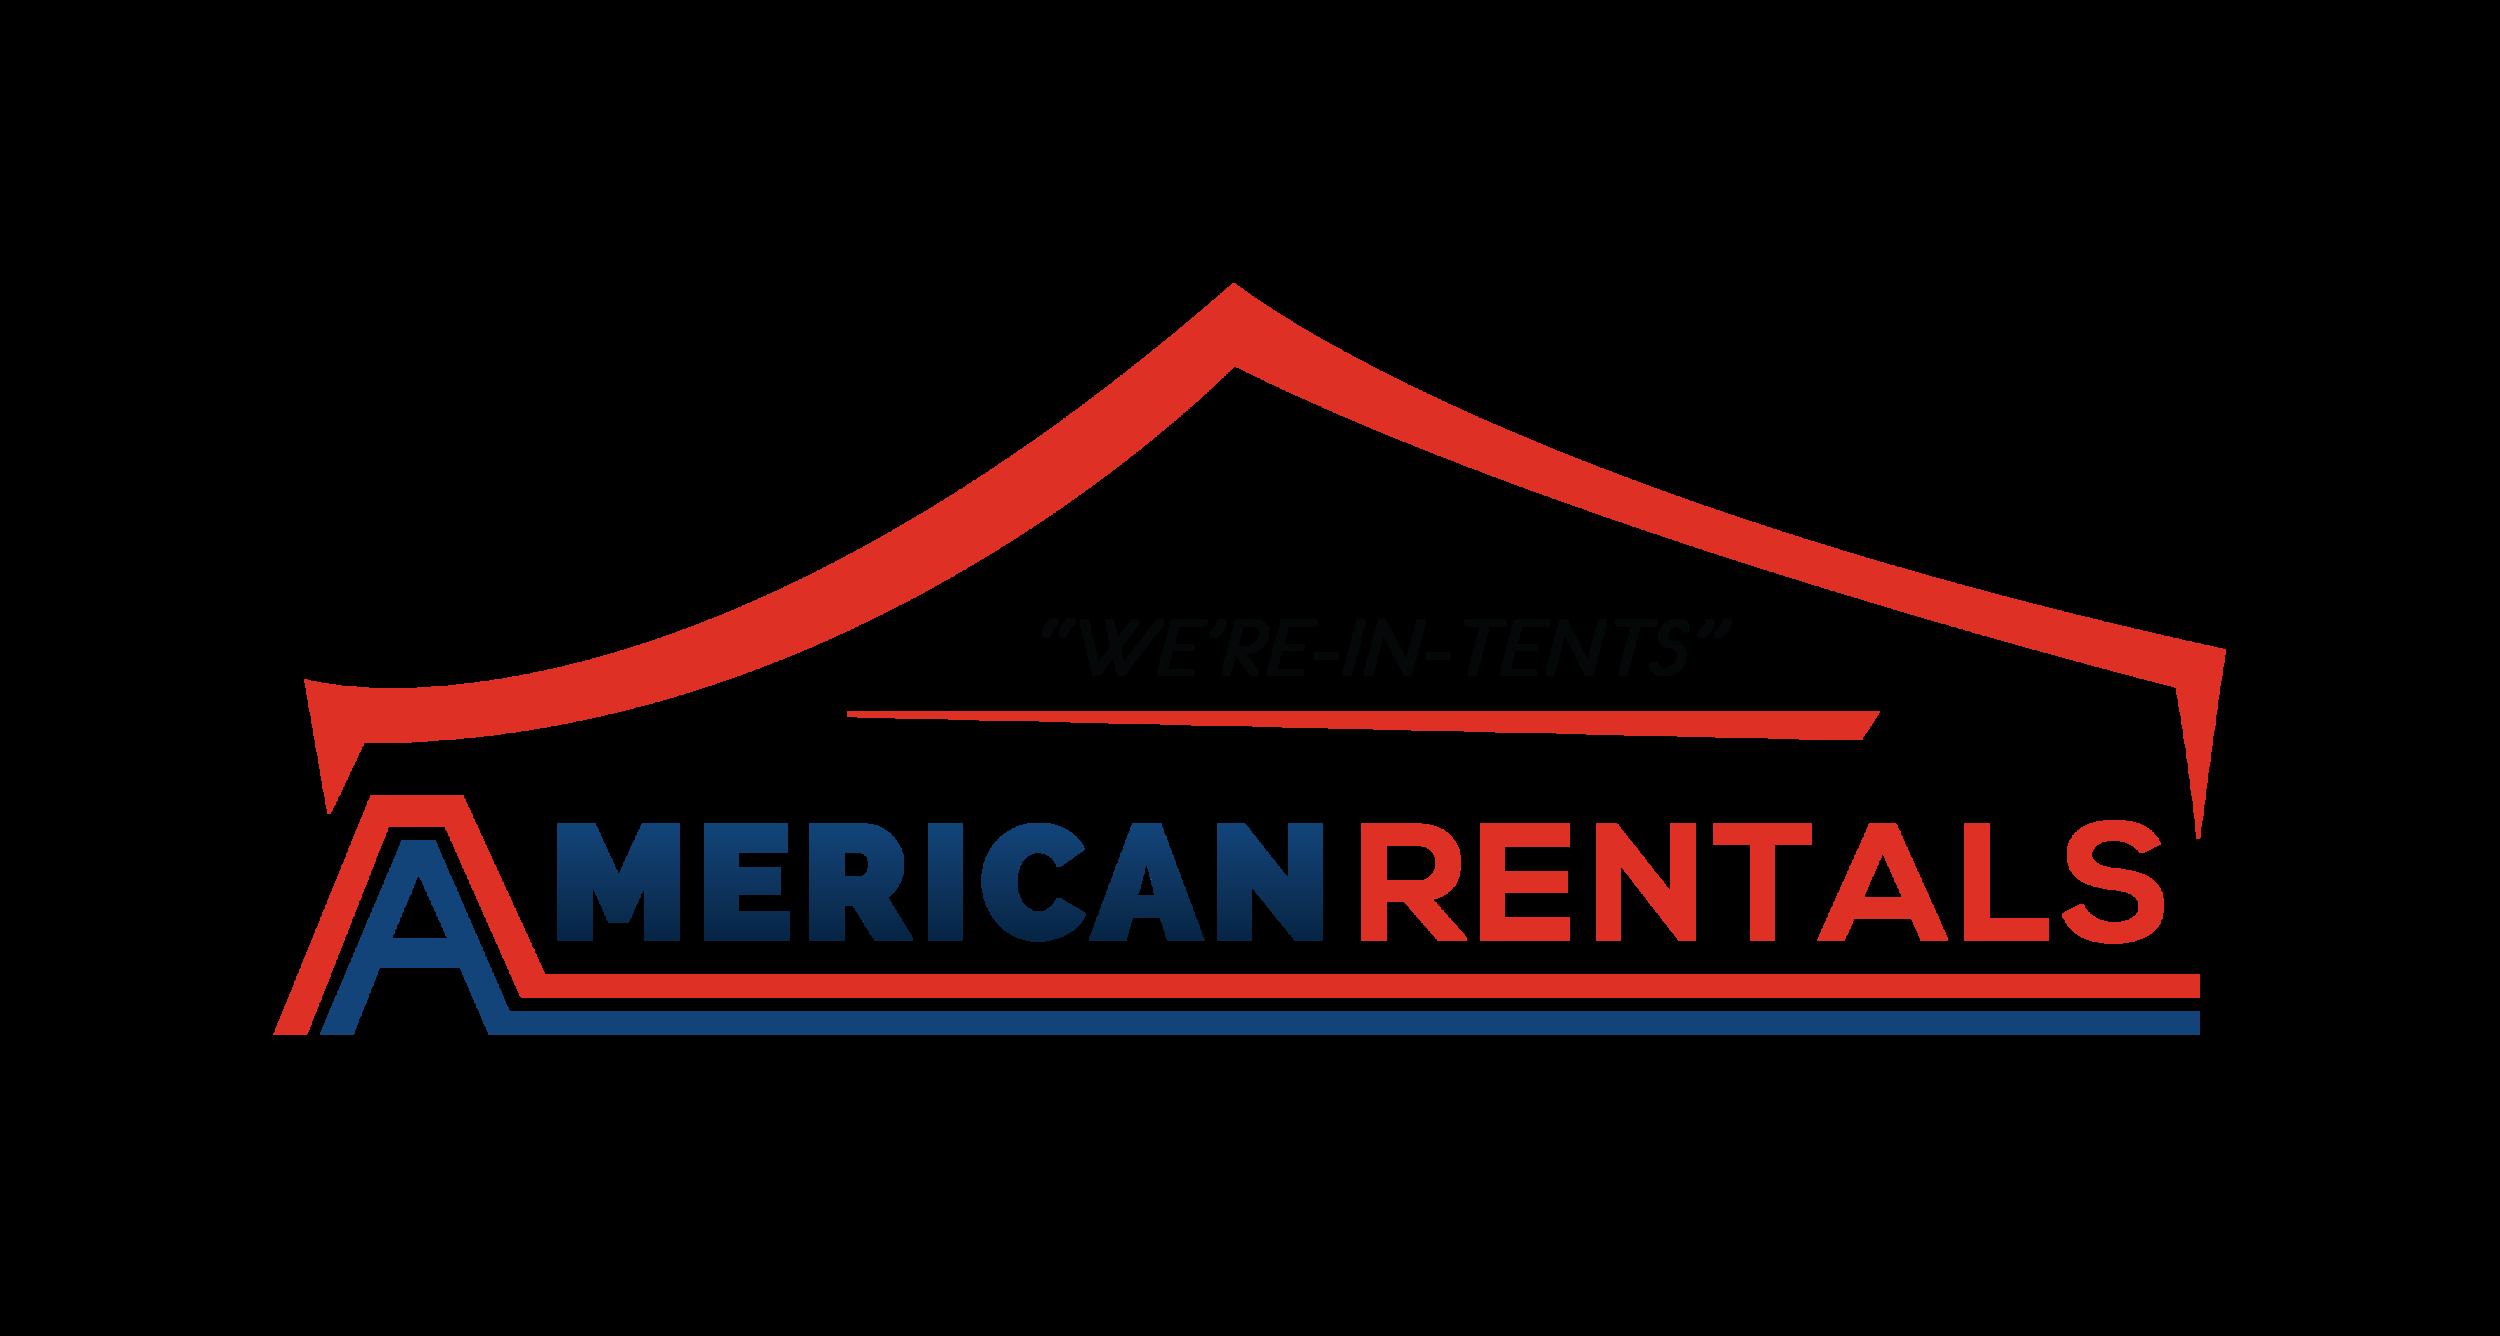 American Rentals.png